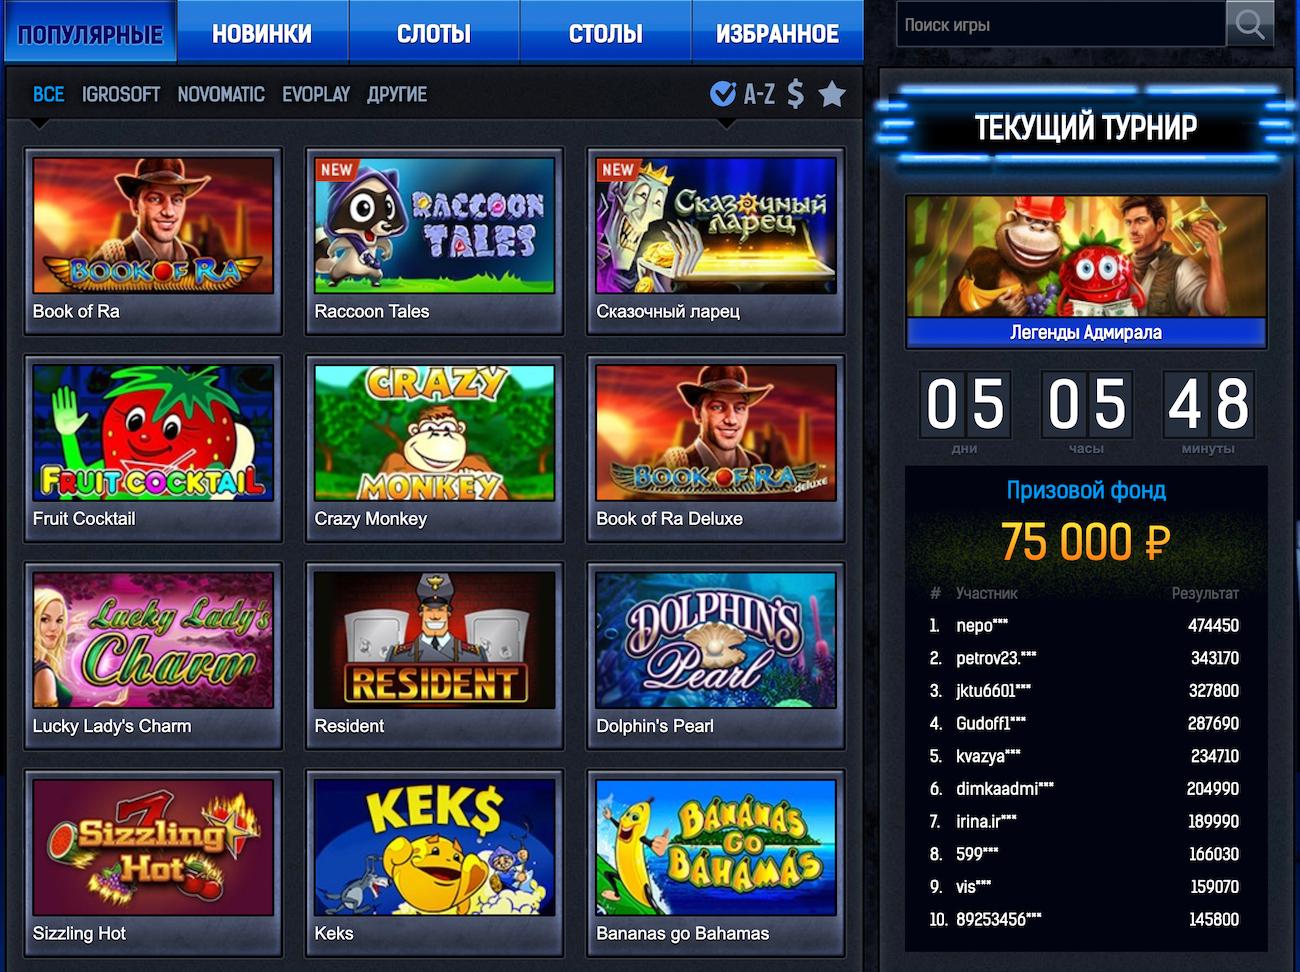 Братва игровые автоматы играть беспдатно без регистрации покер без онлайна